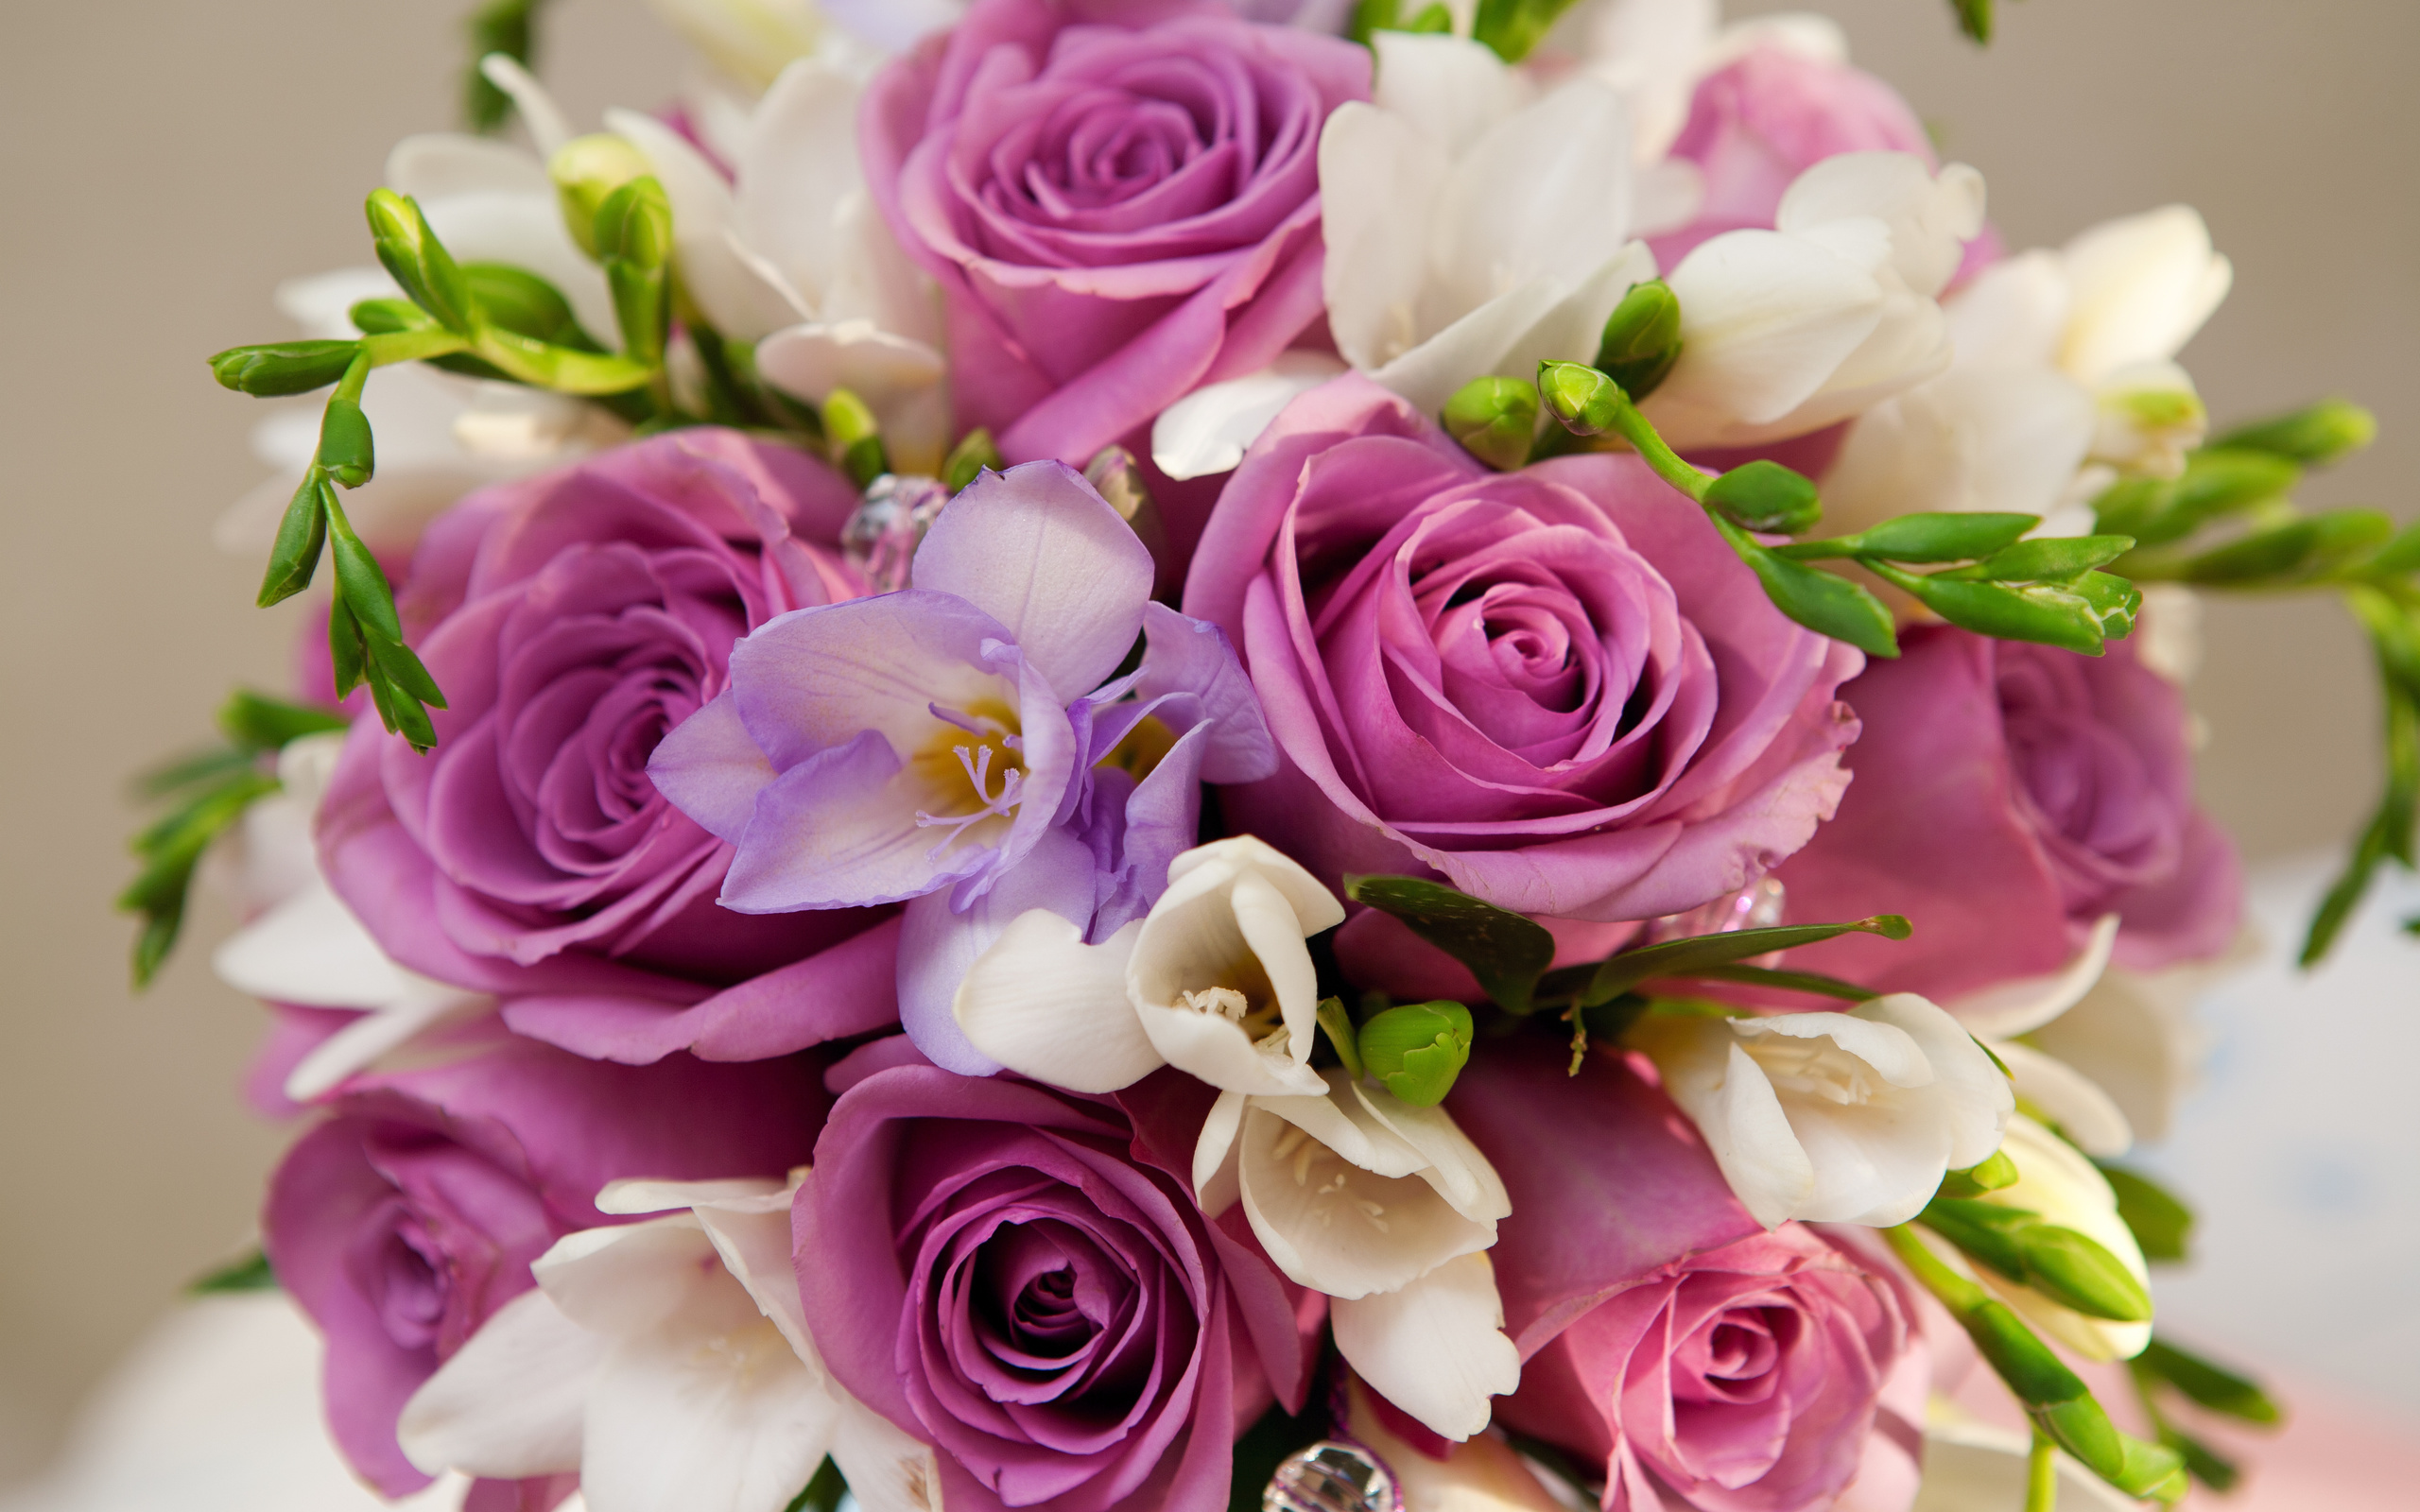 Поздравление букет цветов картинки, днем татьяны